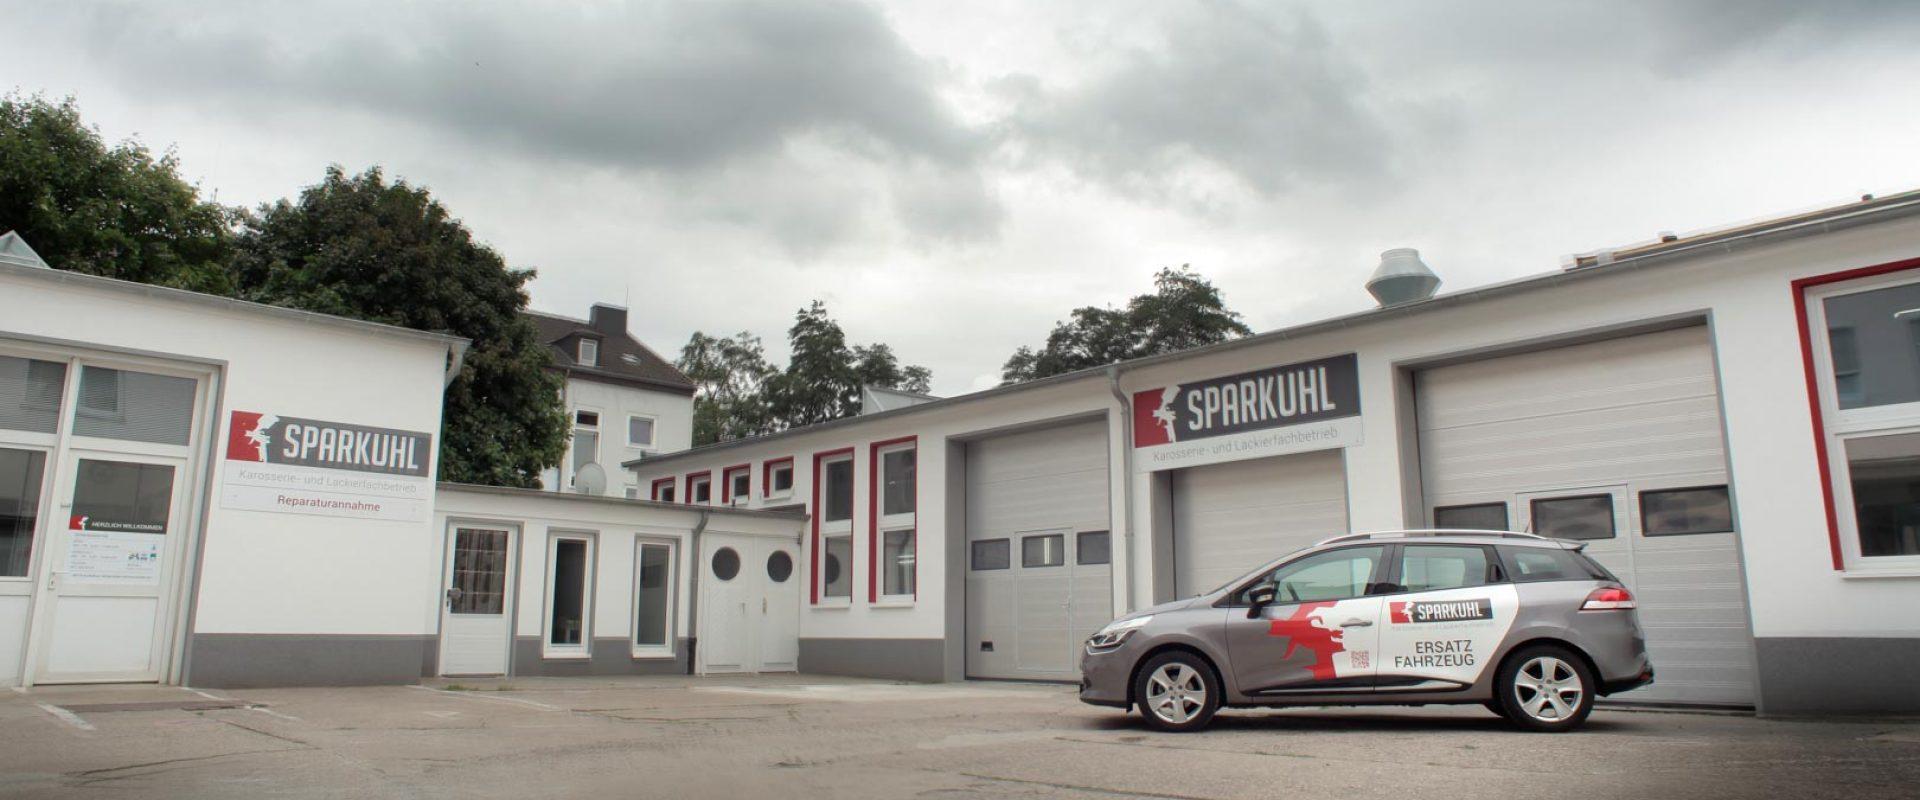 Sparkuhl_aussen_03